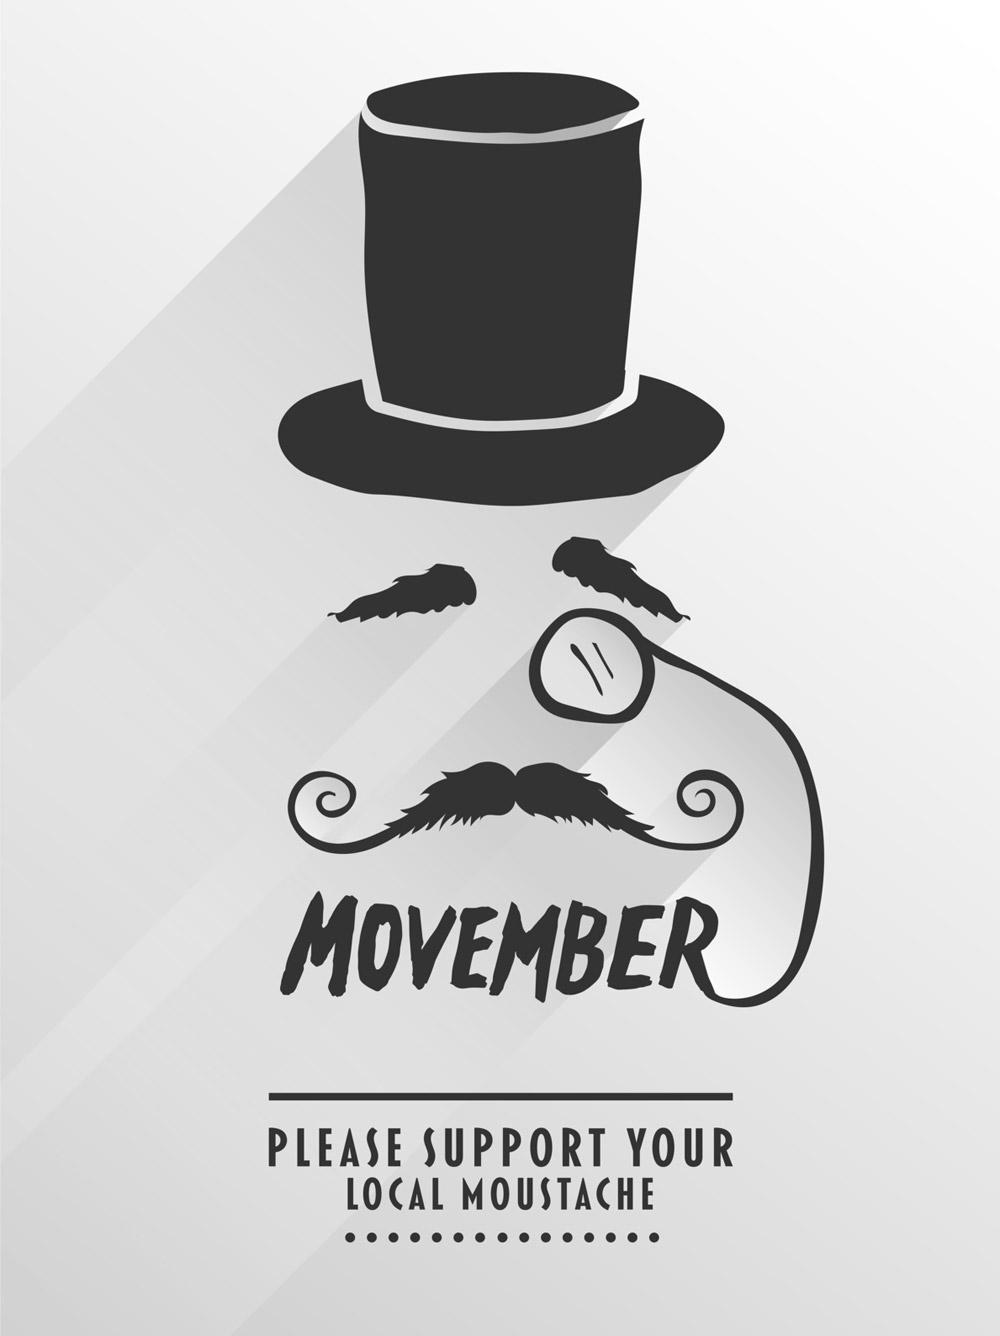 Slavte s námi Movember 2014! Nechte si narůst knír a podpořte mužské zdraví!